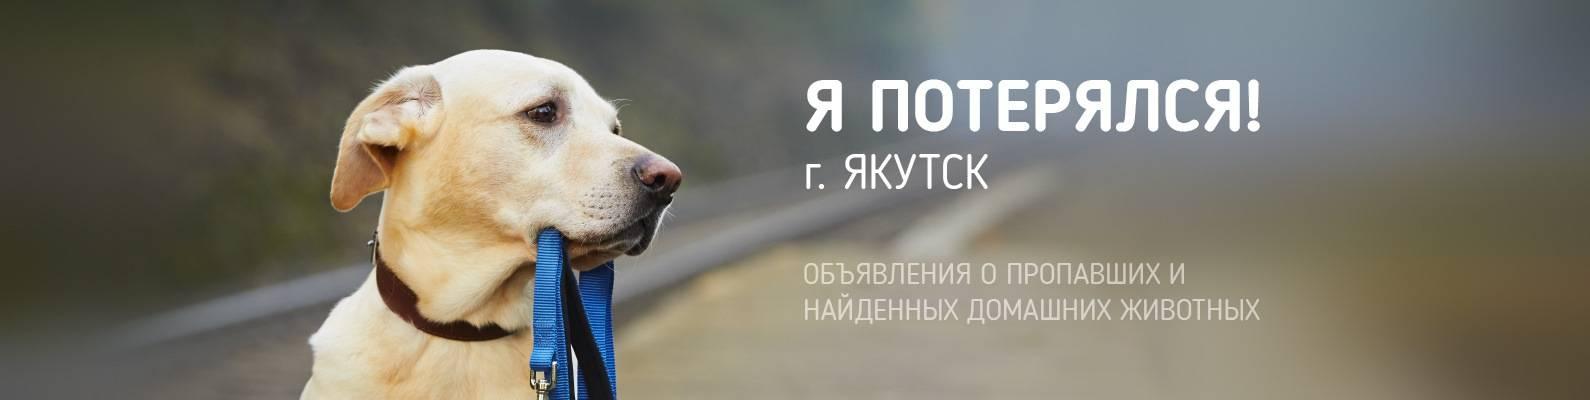 Собака убегает на прогулке или из дома - что делать, как найти собаку | petguru